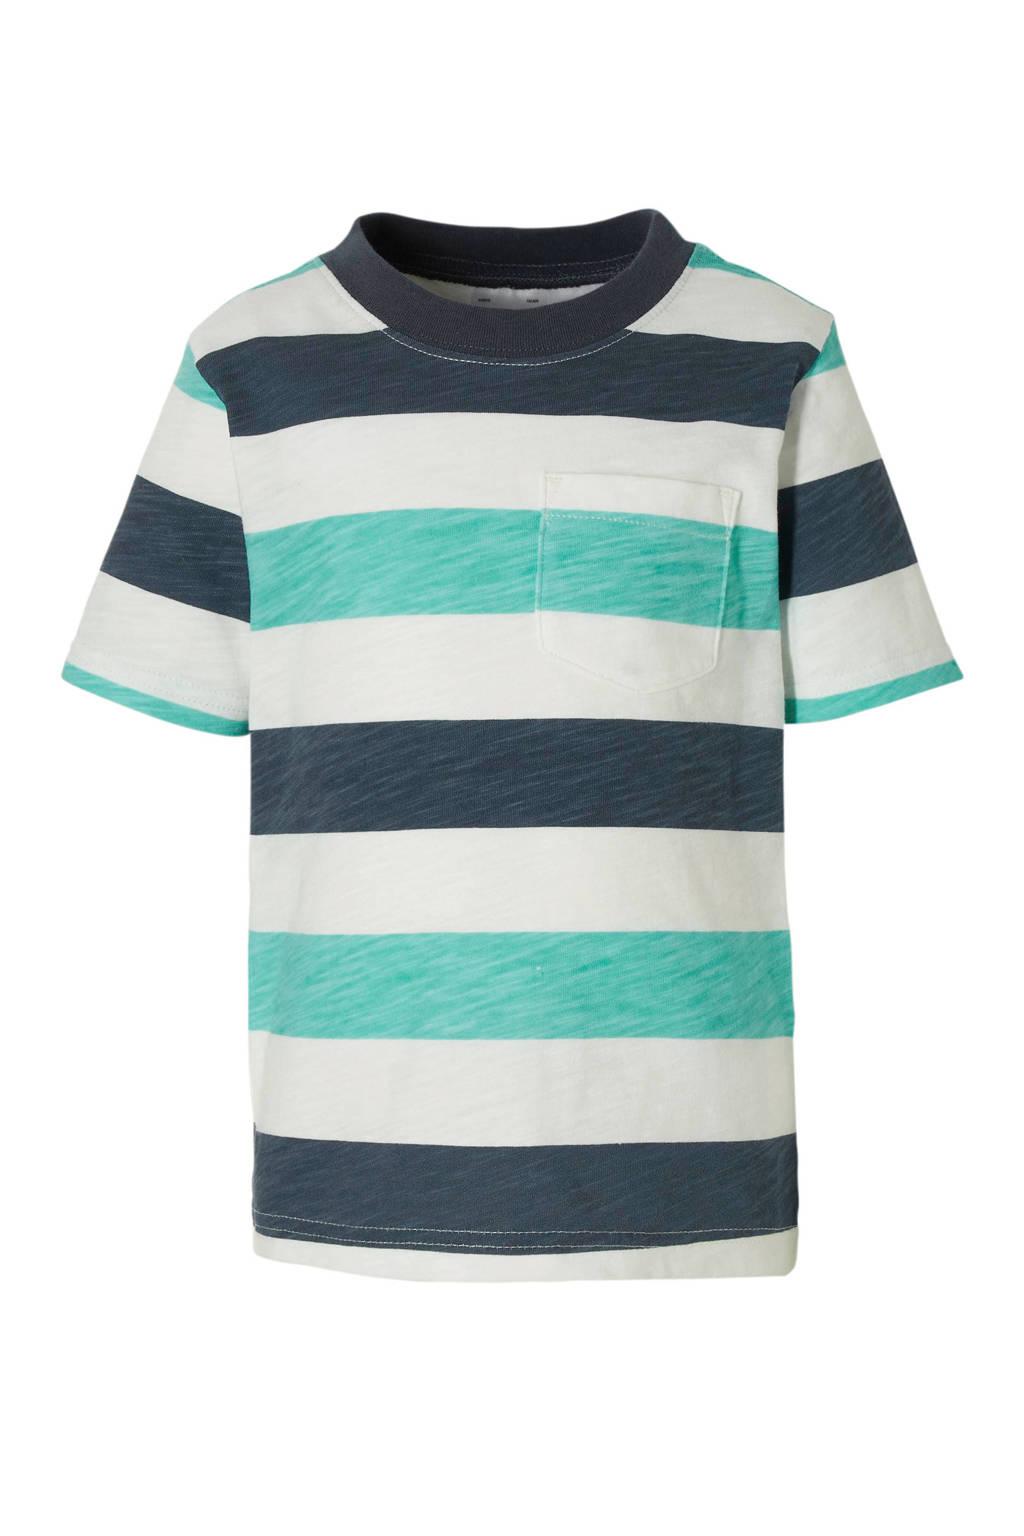 Carter's gestreept T-shirt blauw/groen, Donkerblauw/groen/wit